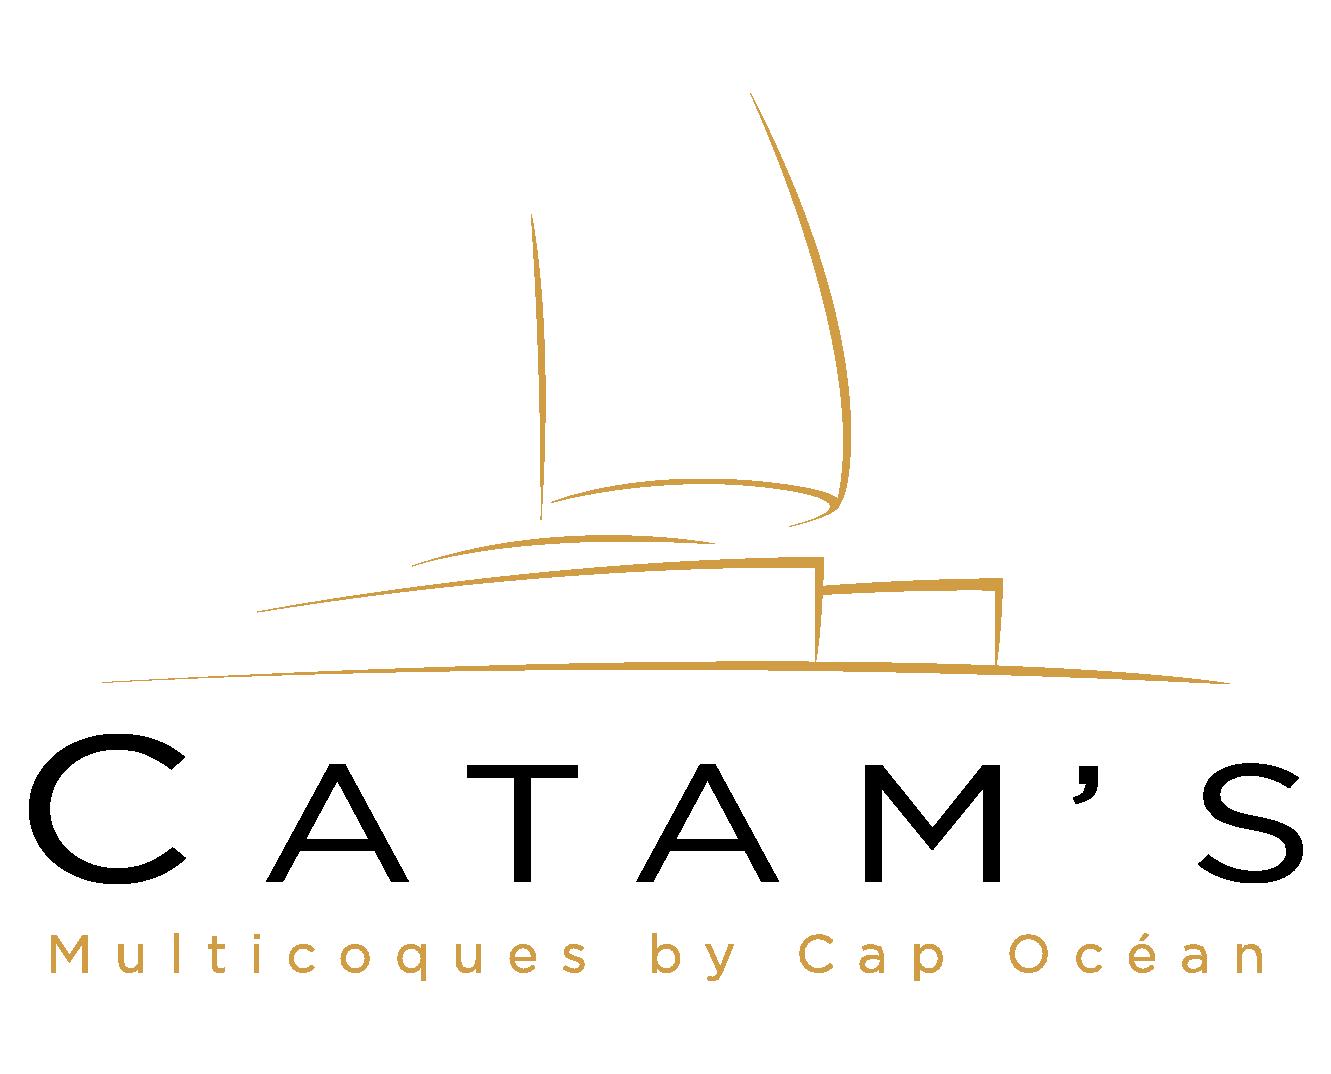 logo catam's